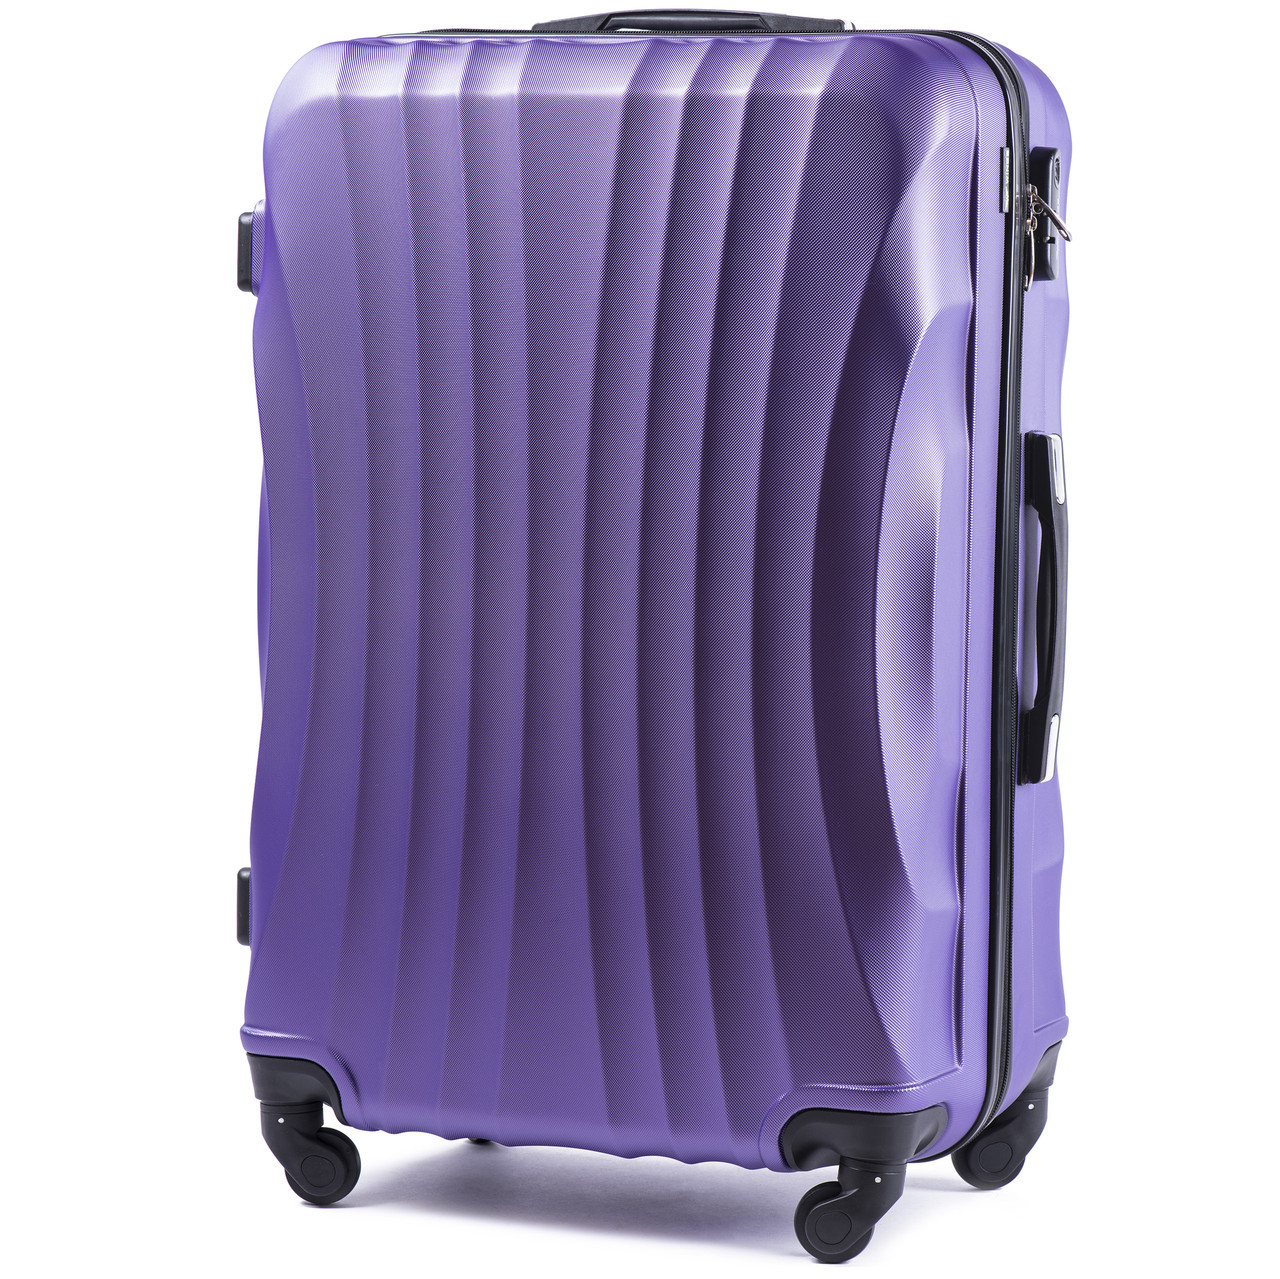 bb1f2064ee2a Большой пластиковый чемодан Wings 159 на 4 колесах фиолетовый - Best Bag в  Николаеве